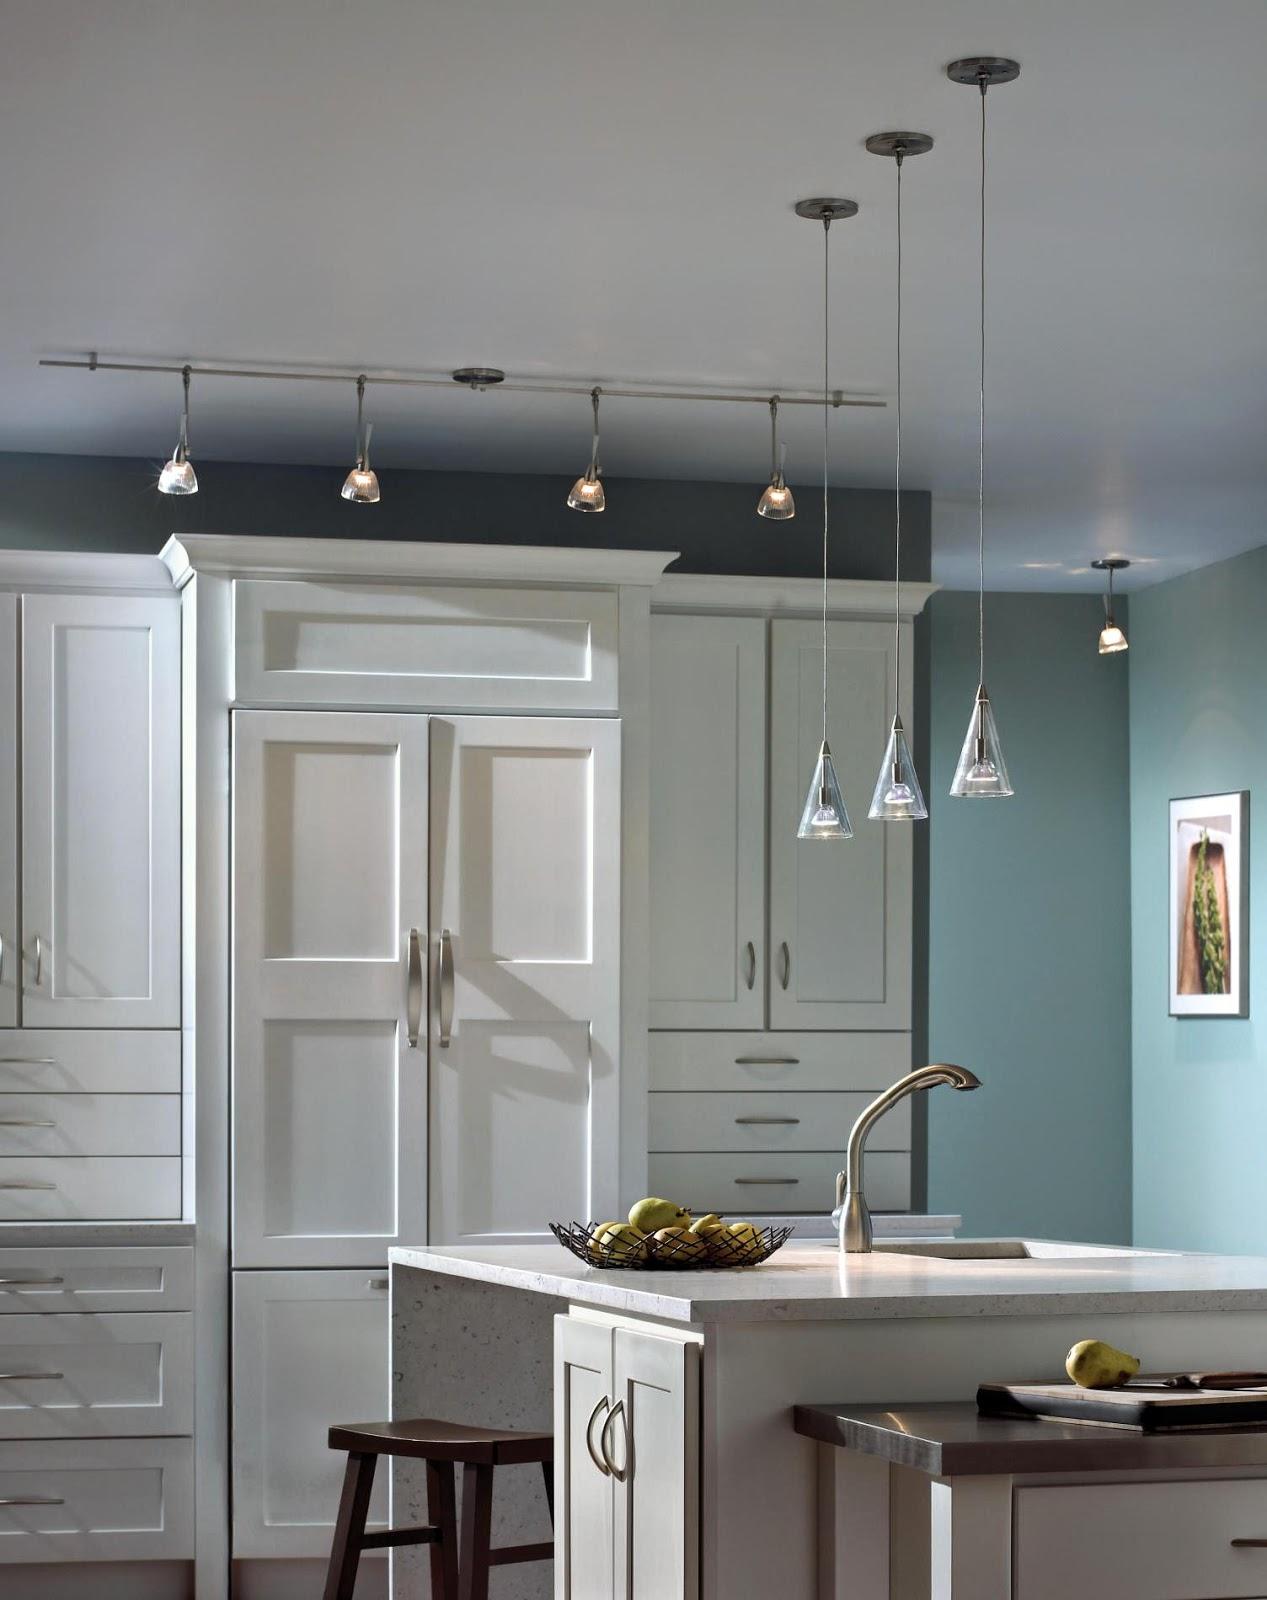 Multinotas lamparas de techo cocinas modernas - Luces para cocina ...